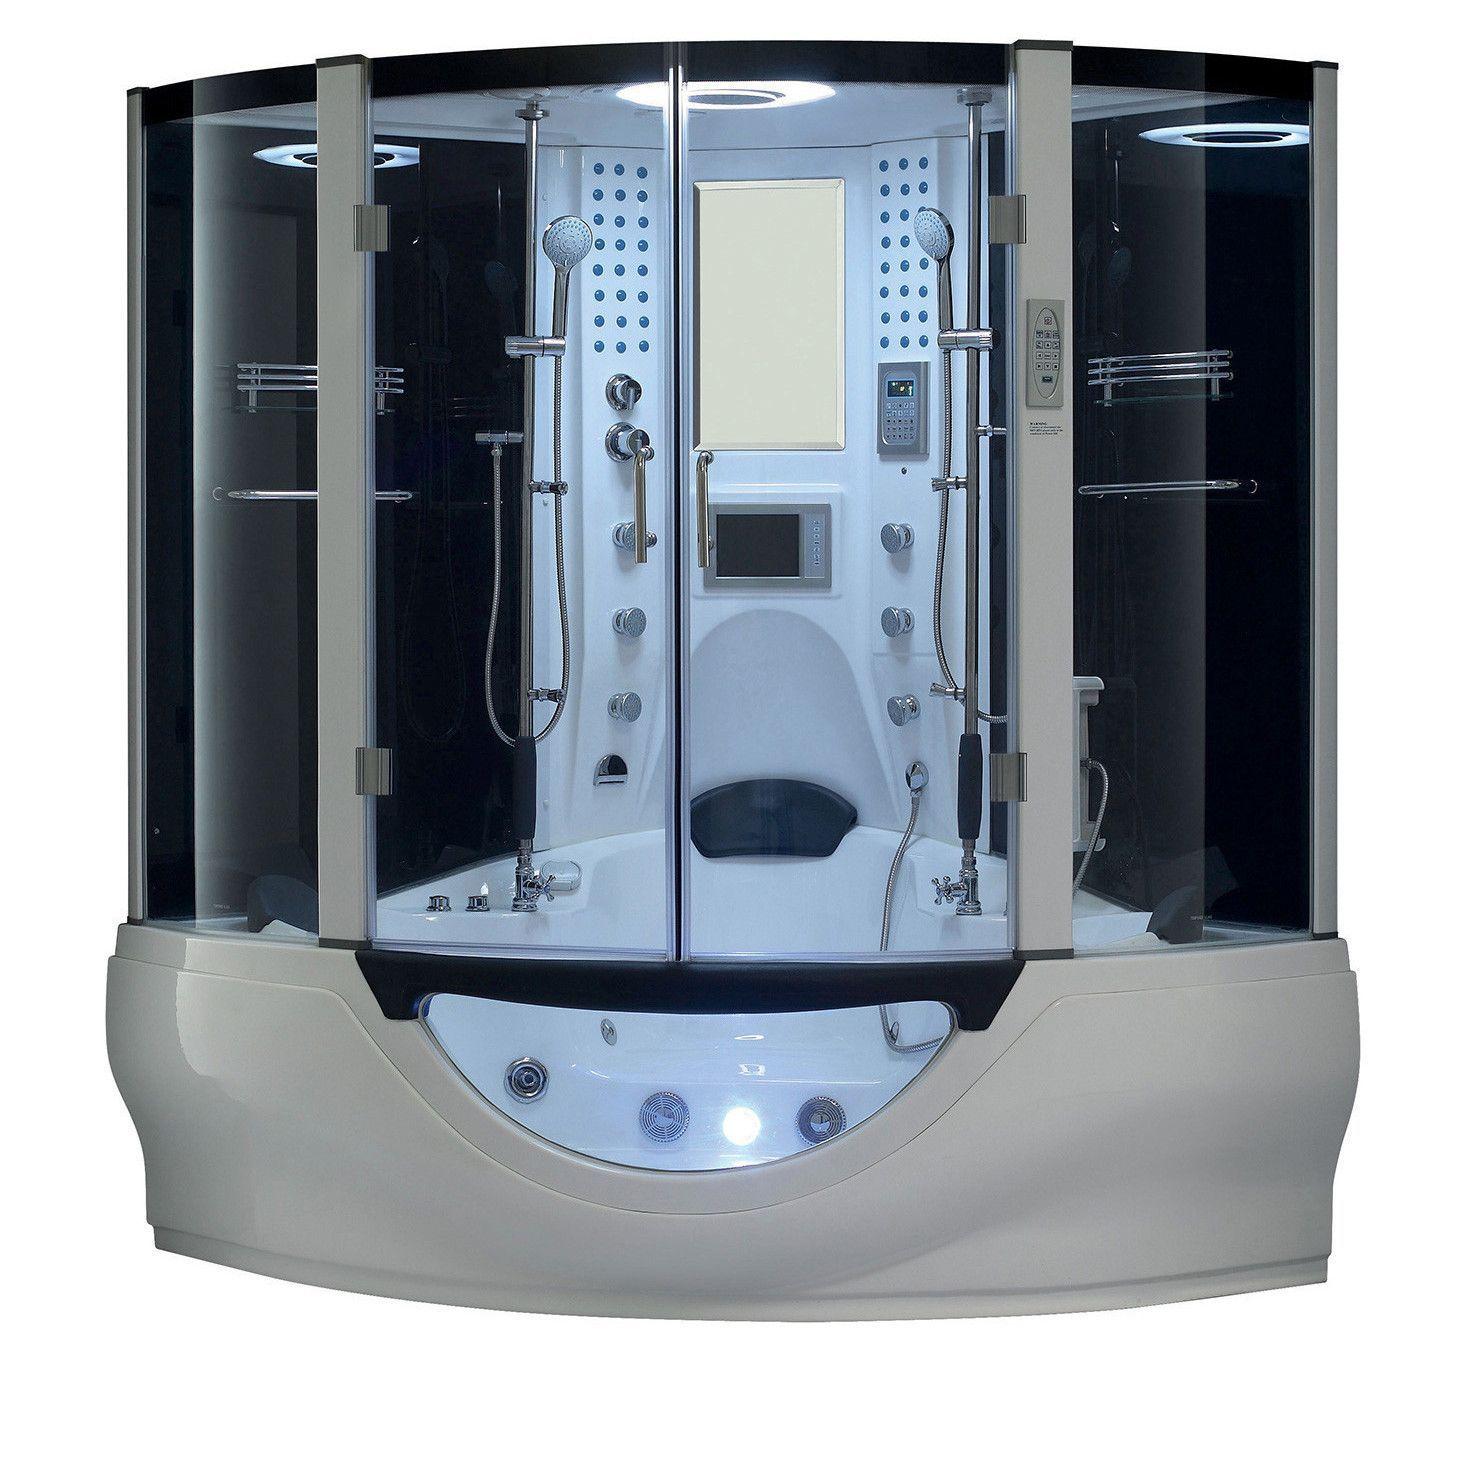 Maya Bath Valencia Steam Shower Sauna Tub With White Acrylic ...